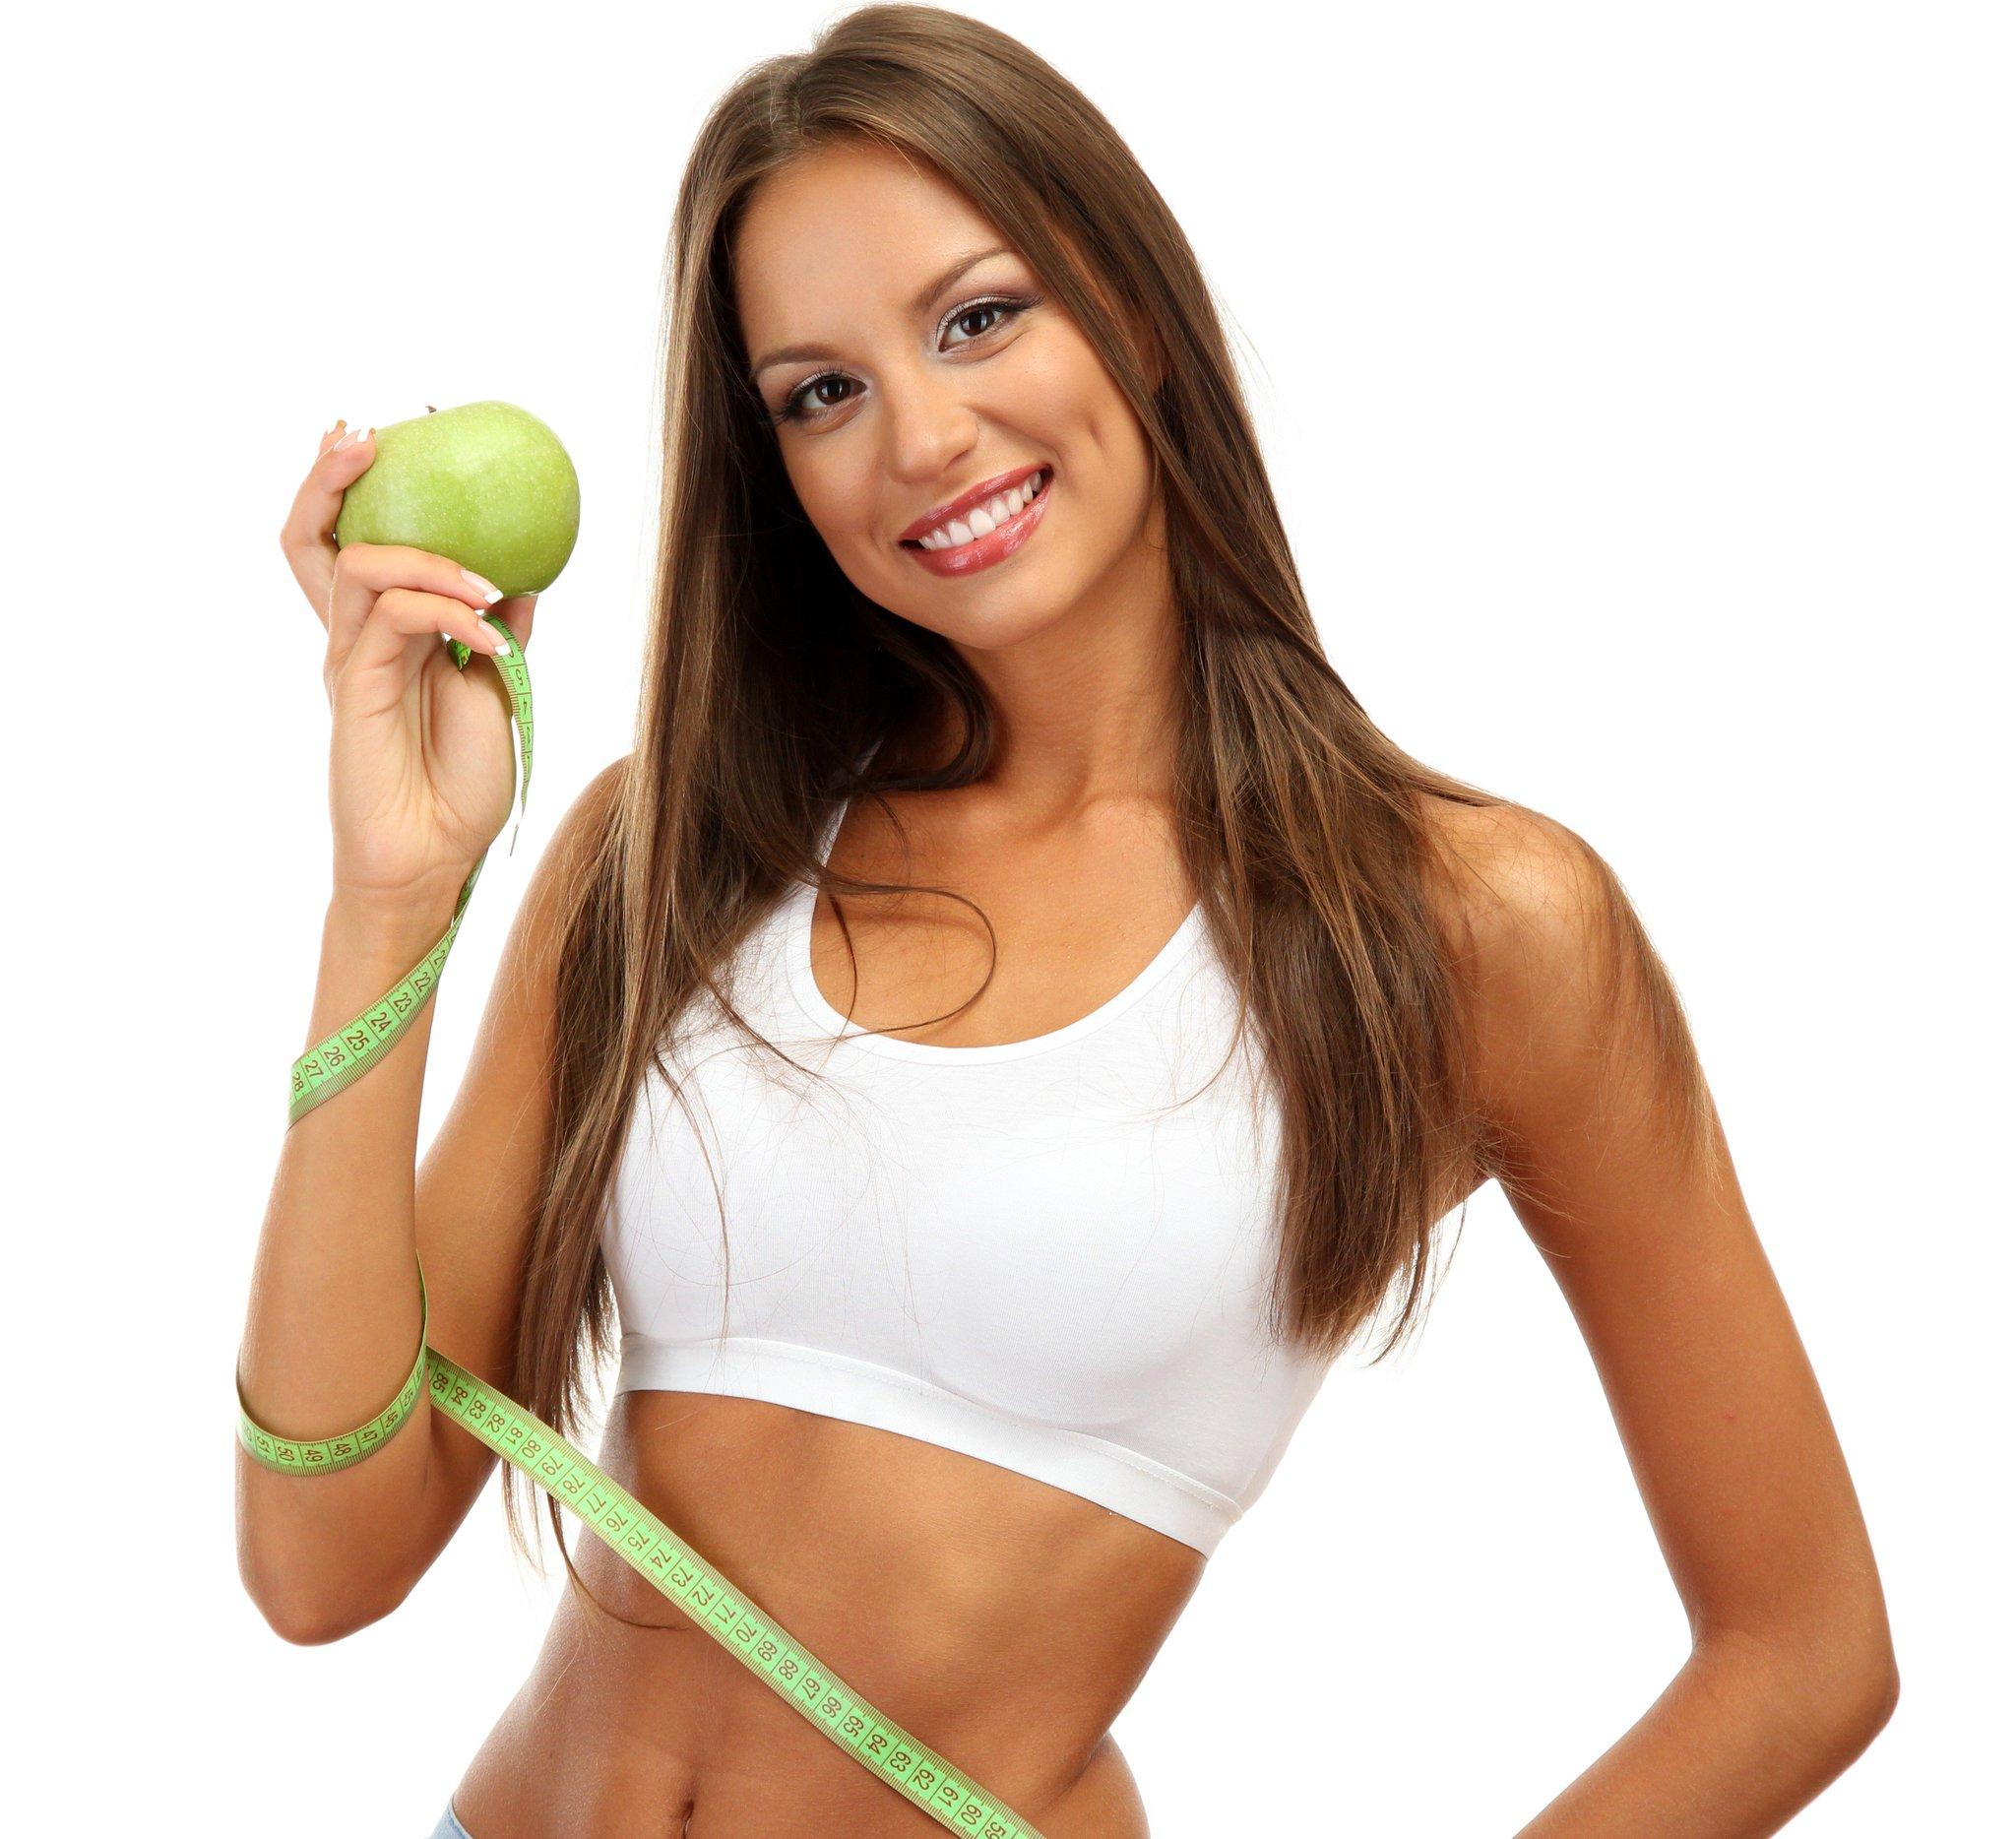 Похудение на яблоках фото